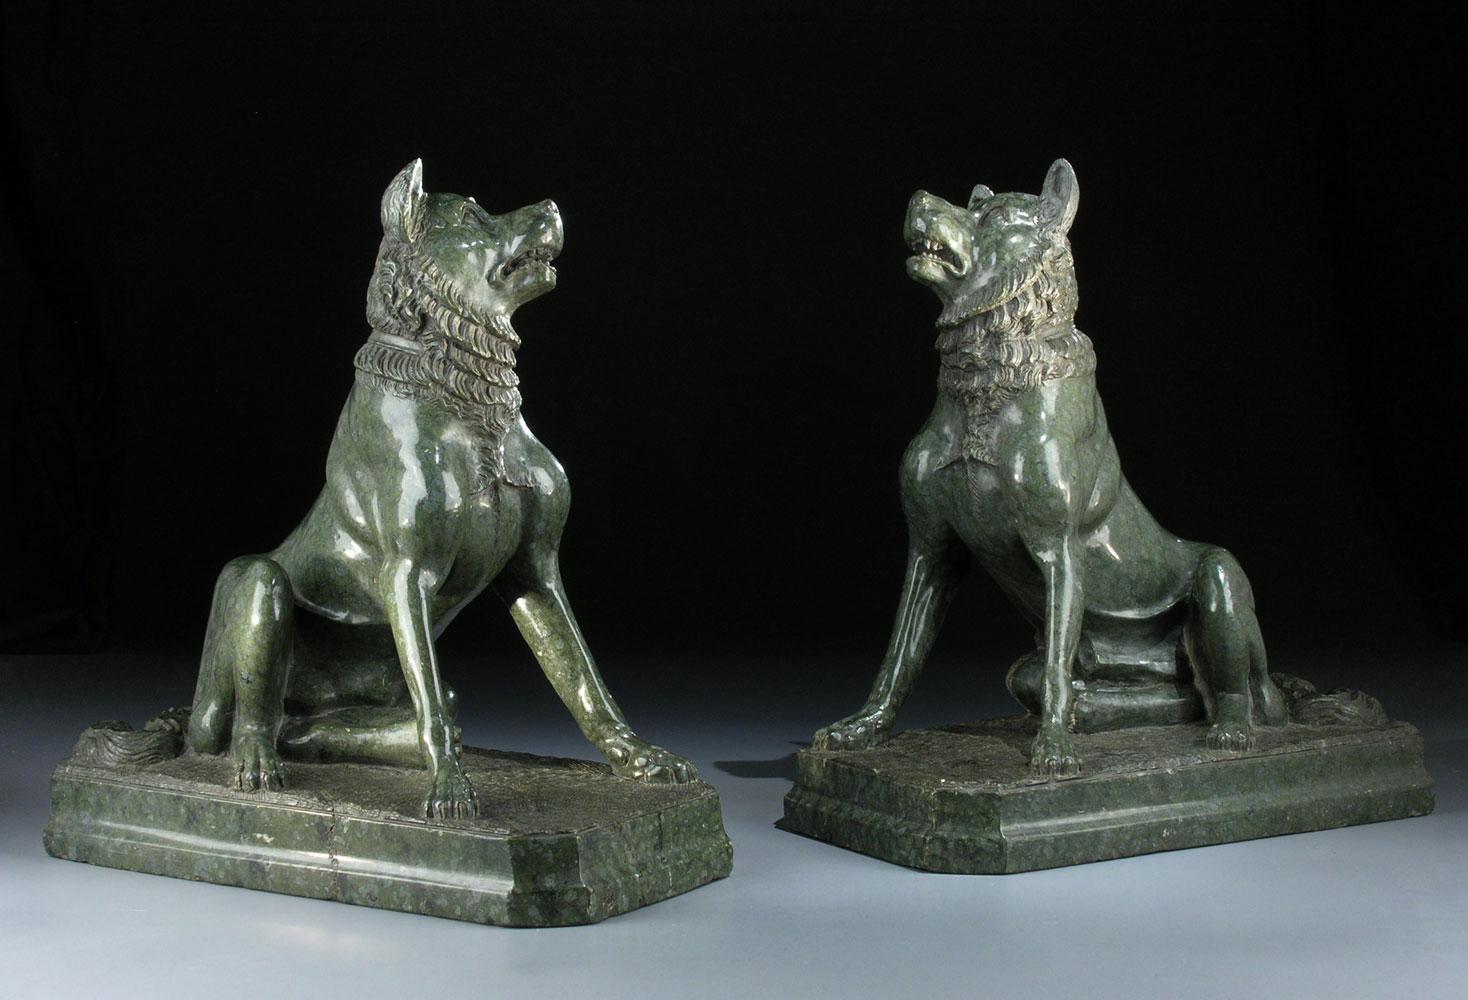 Paar Skulpturen von Hunden aus Serpentinstein